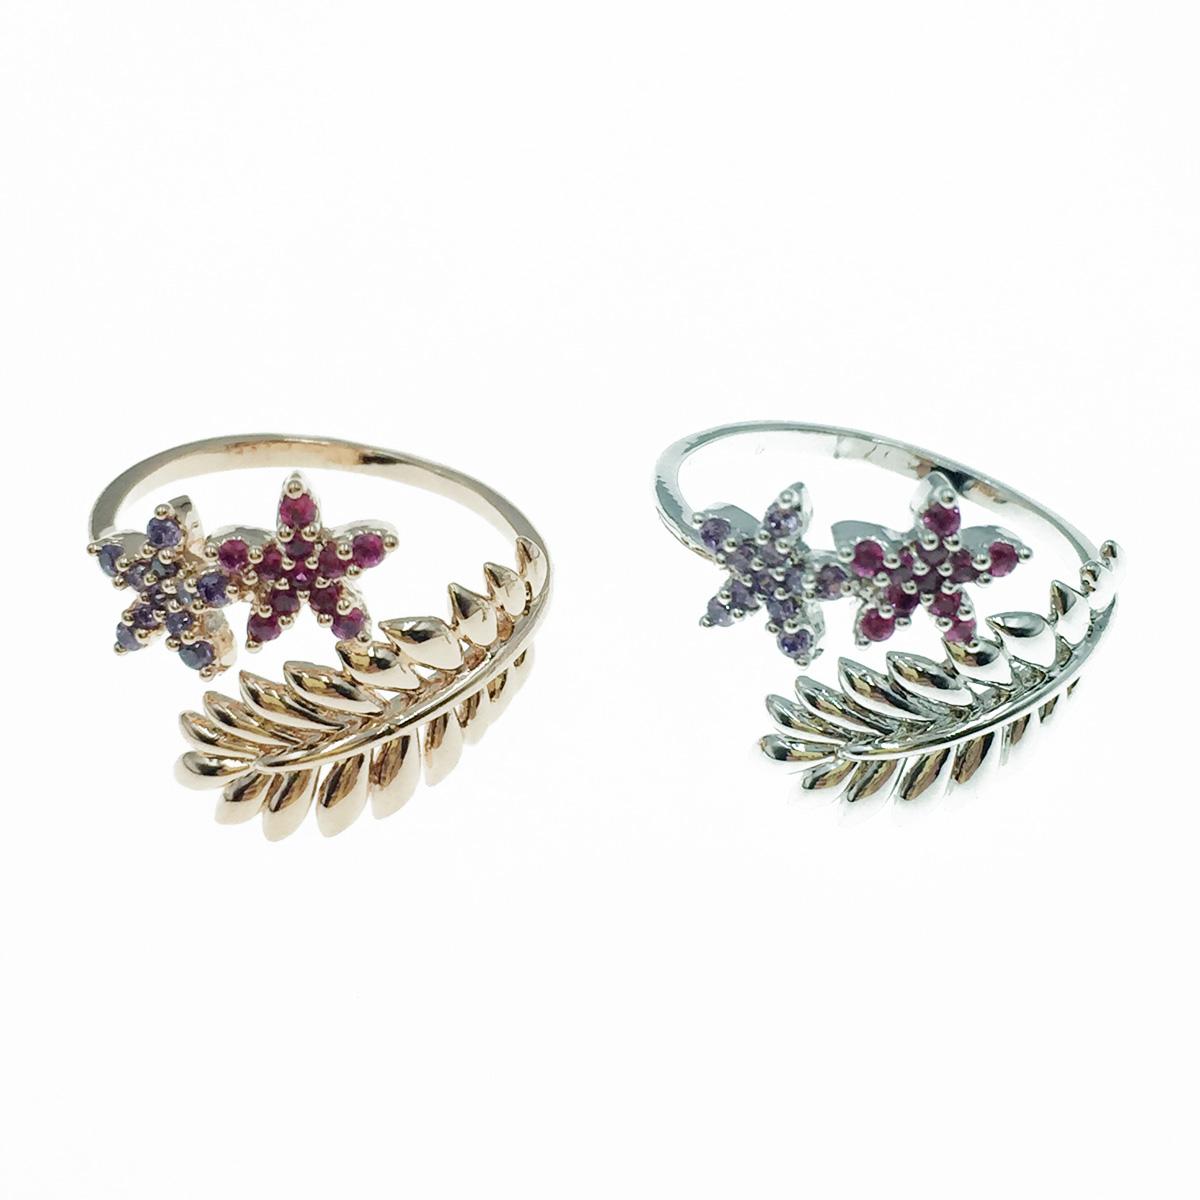 韓國 明星款 葉子 水鑽花 銀 玫瑰金 開口可調式戒指